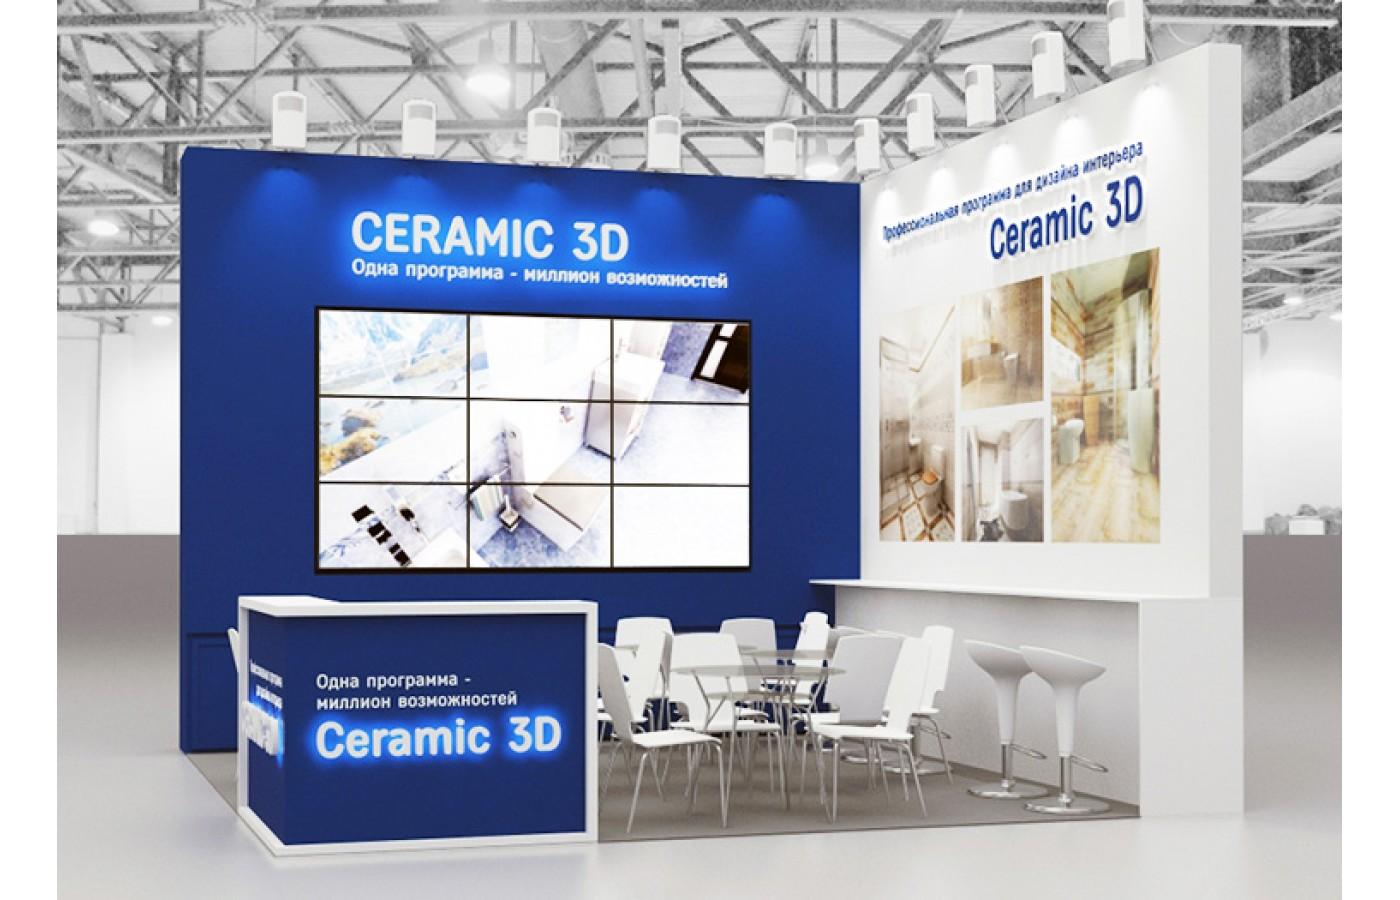 «CERAMIC 3D»